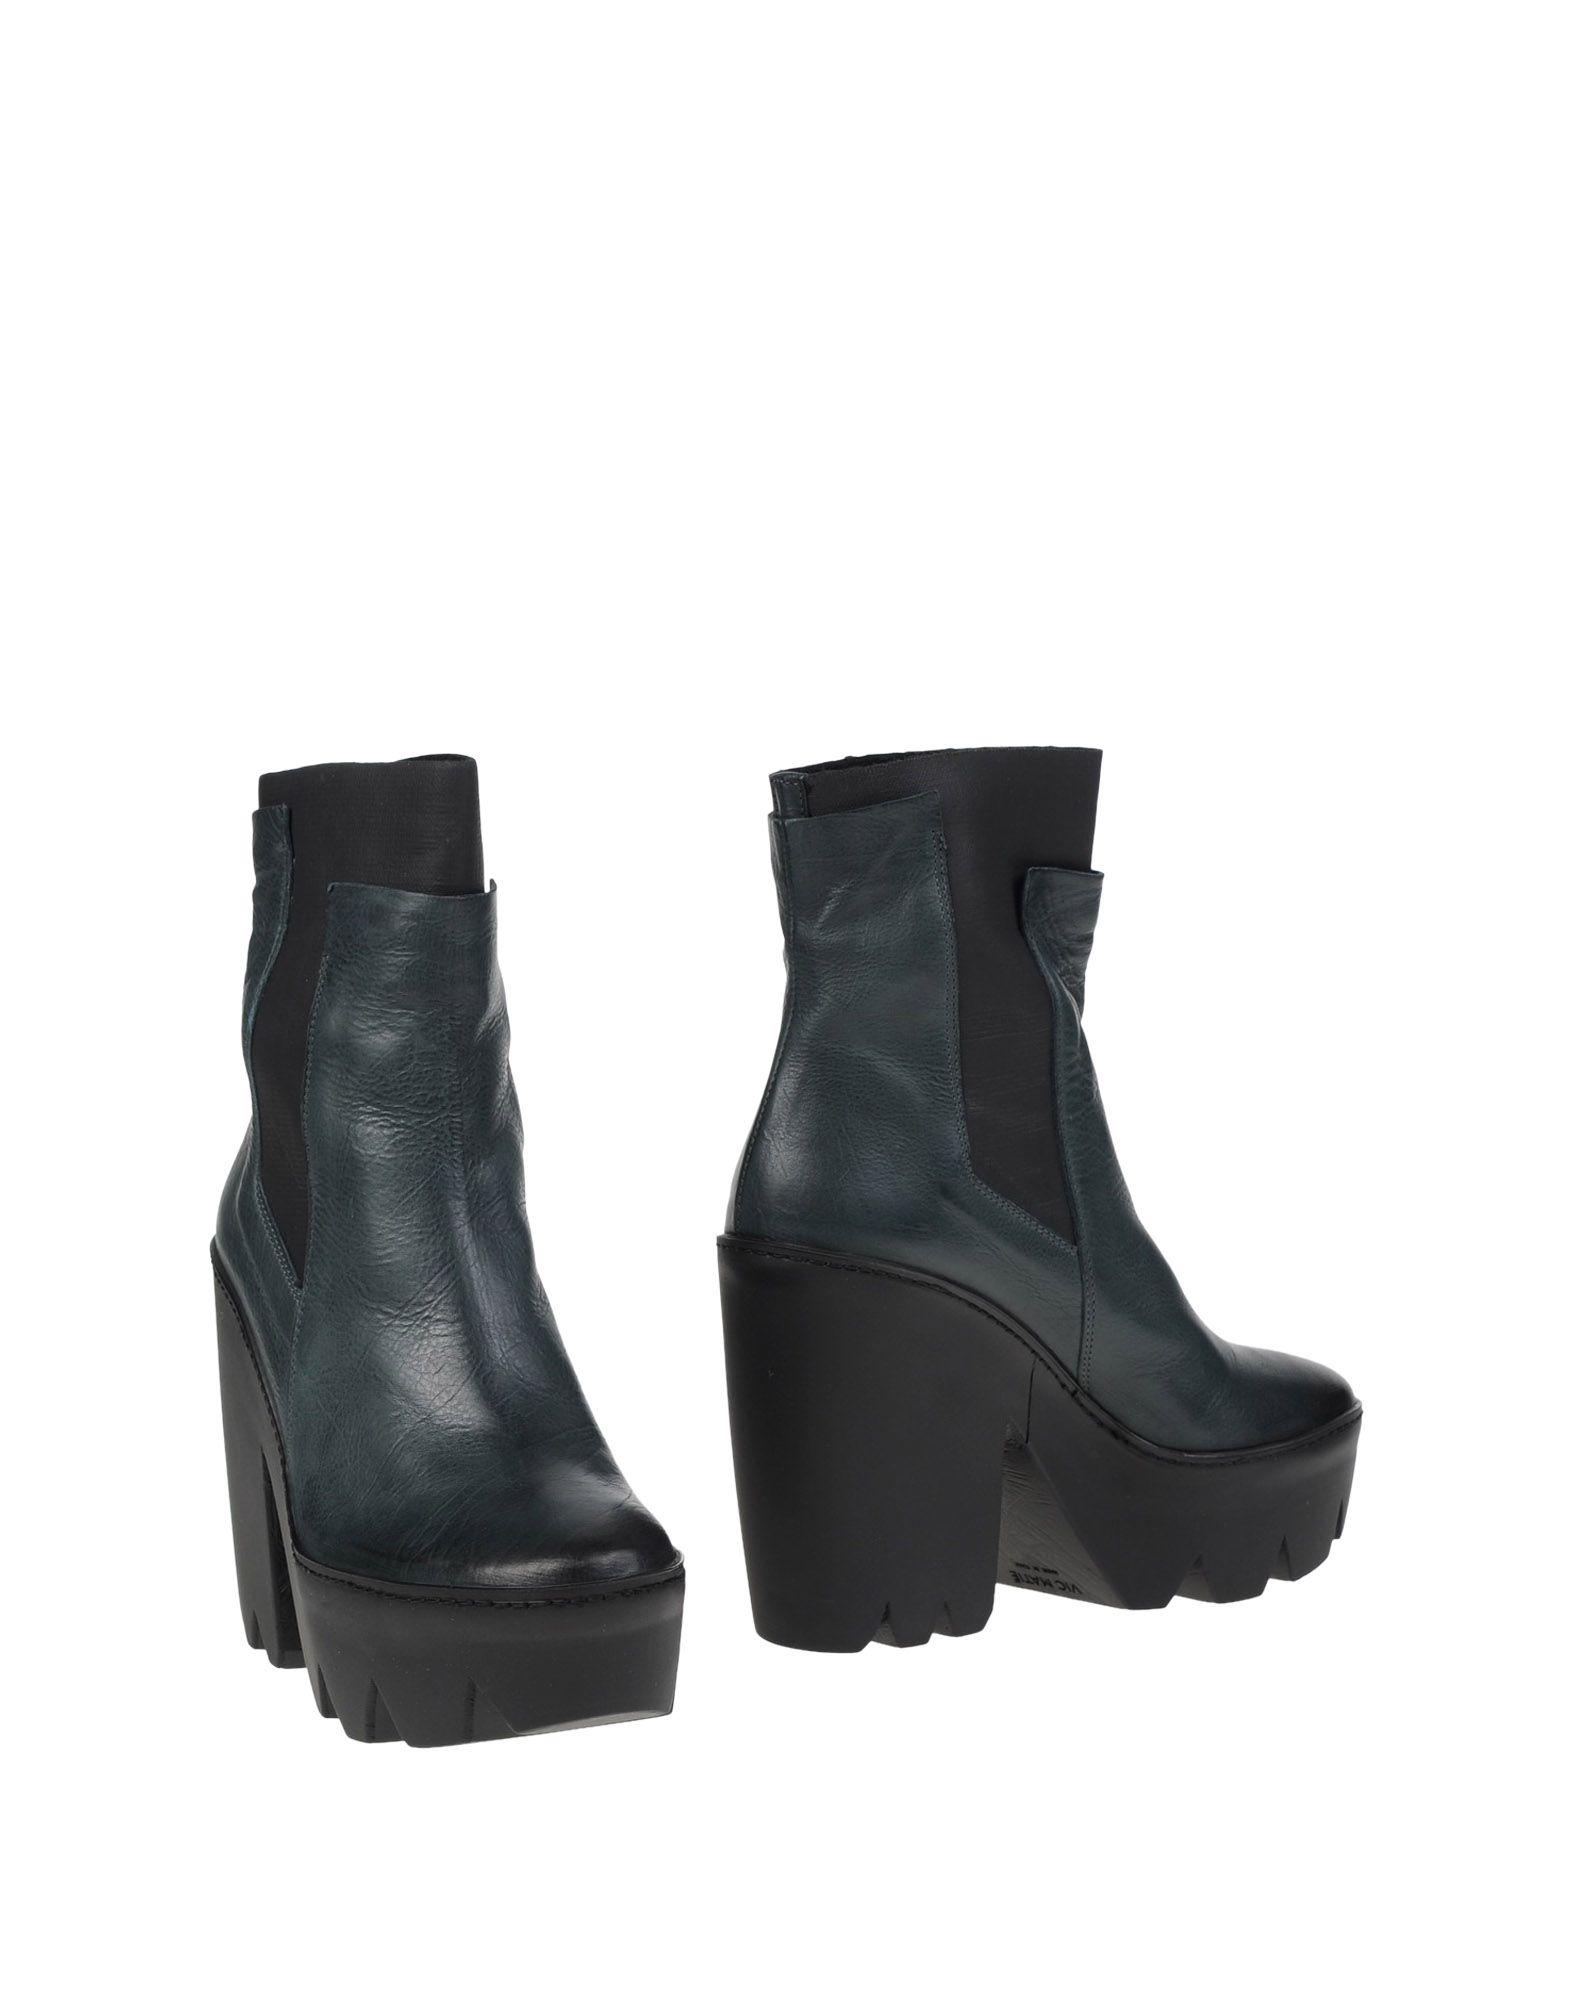 VIC MATIĒ Полусапоги и высокие ботинки vic matiē полусапоги и высокие ботинки